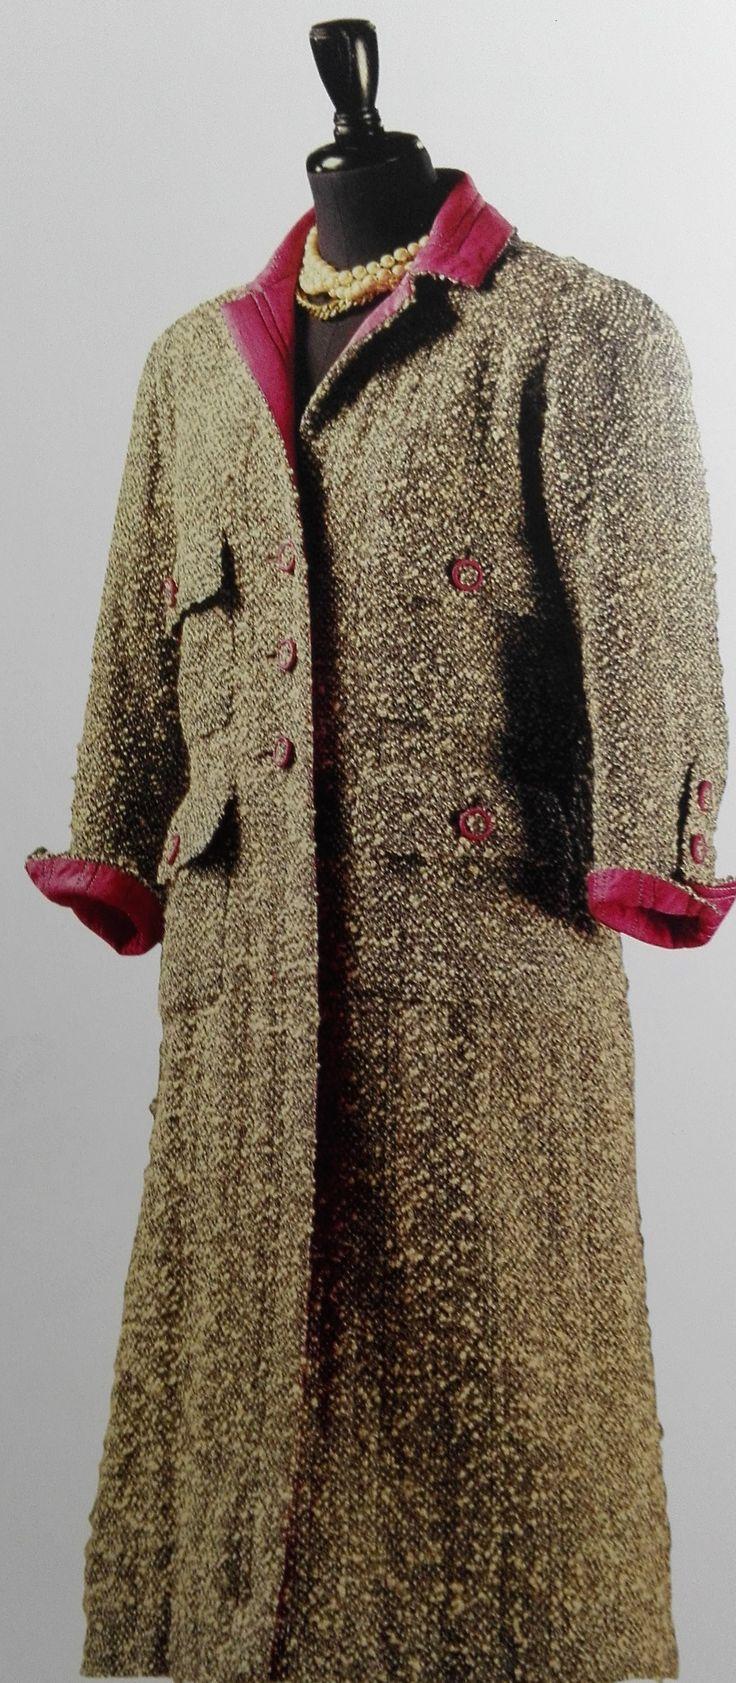 Abrigo de tweed de lana rizada con forro y adornos de seda. Creado a mediados de la década 1960